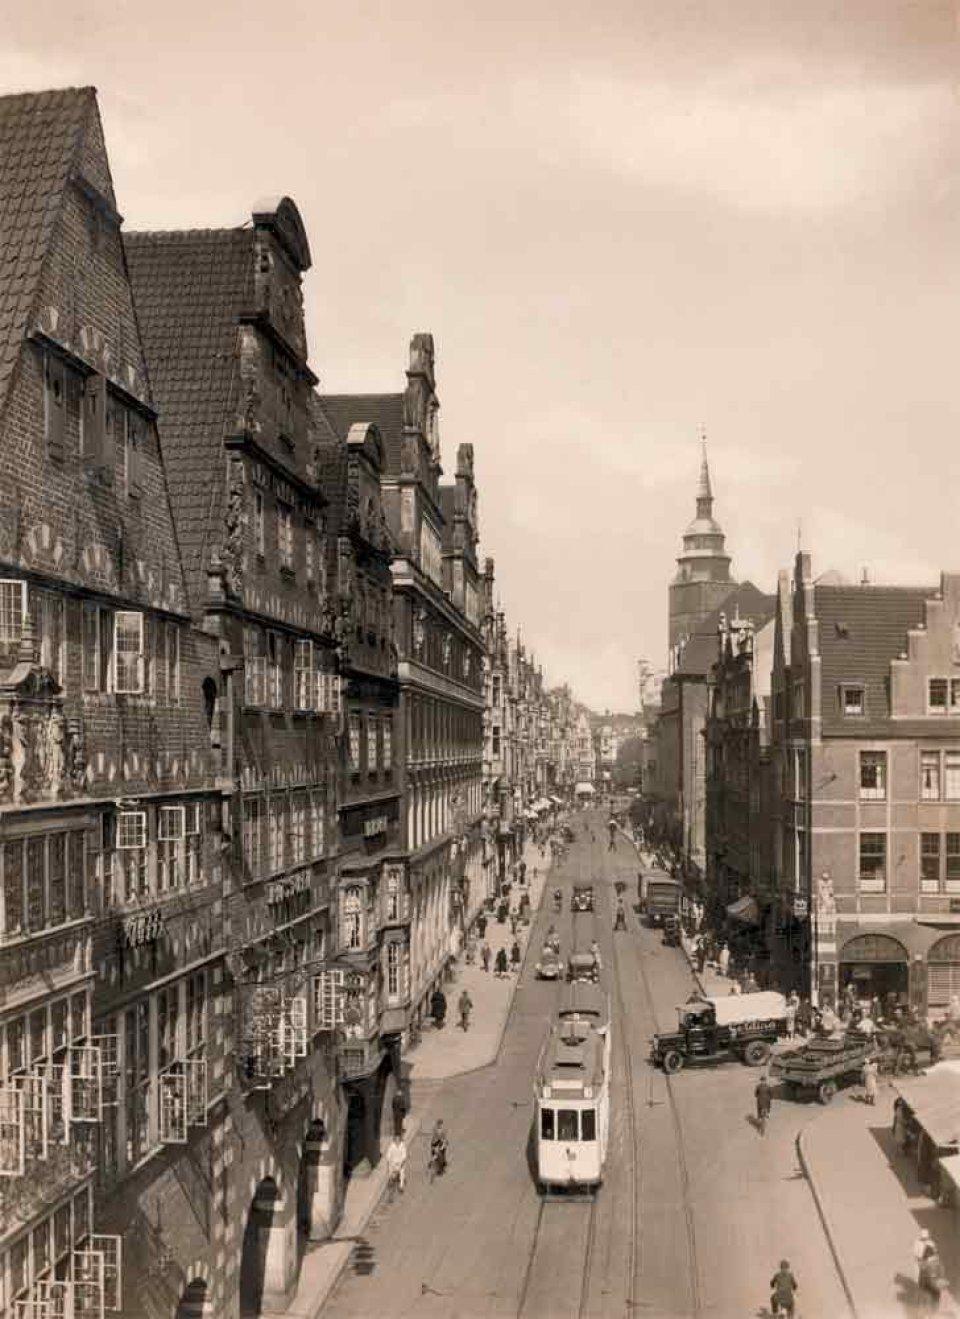 Eine belebte Straße mit historischen Gebäuden und einer Straßenbahn im Jahre 1929, schwarzweiß fotografiert.